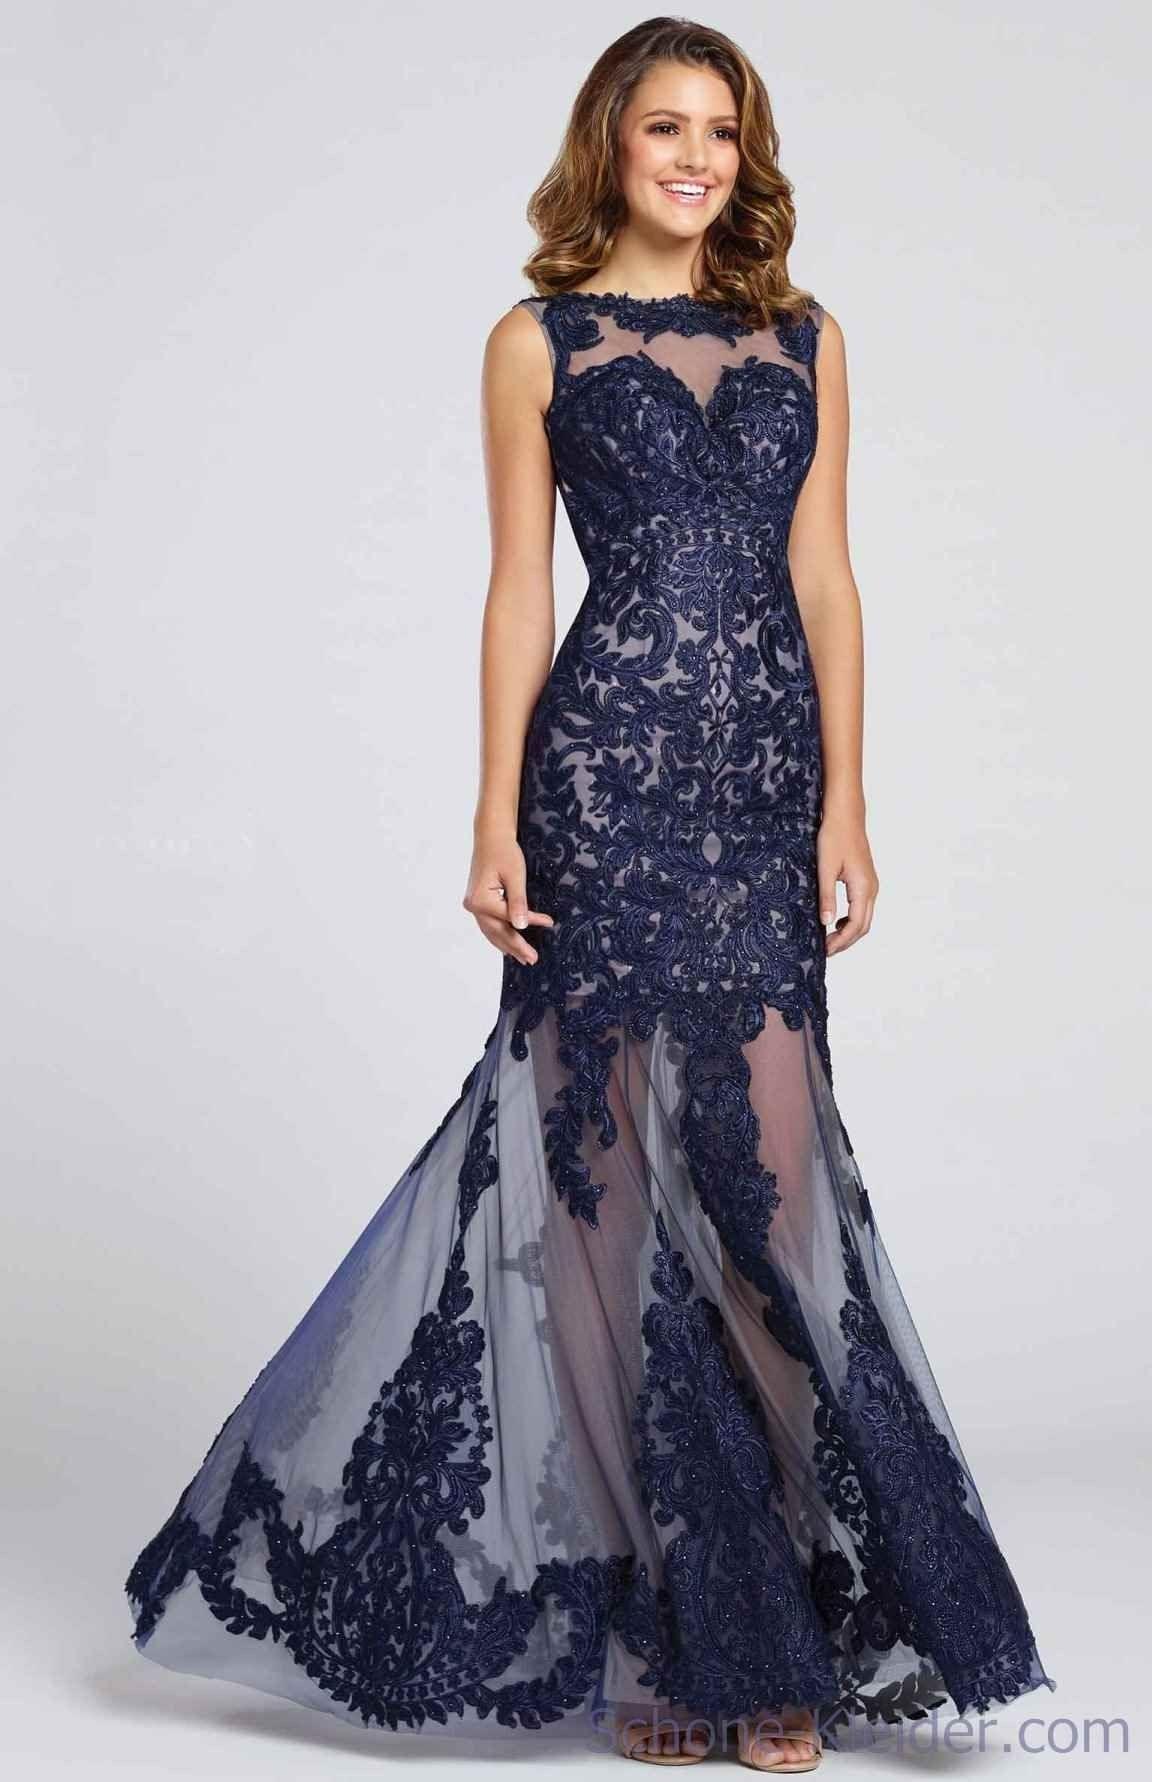 13 Einfach Schöne Abendkleider Lang Günstig Vertrieb10 Großartig Schöne Abendkleider Lang Günstig Galerie